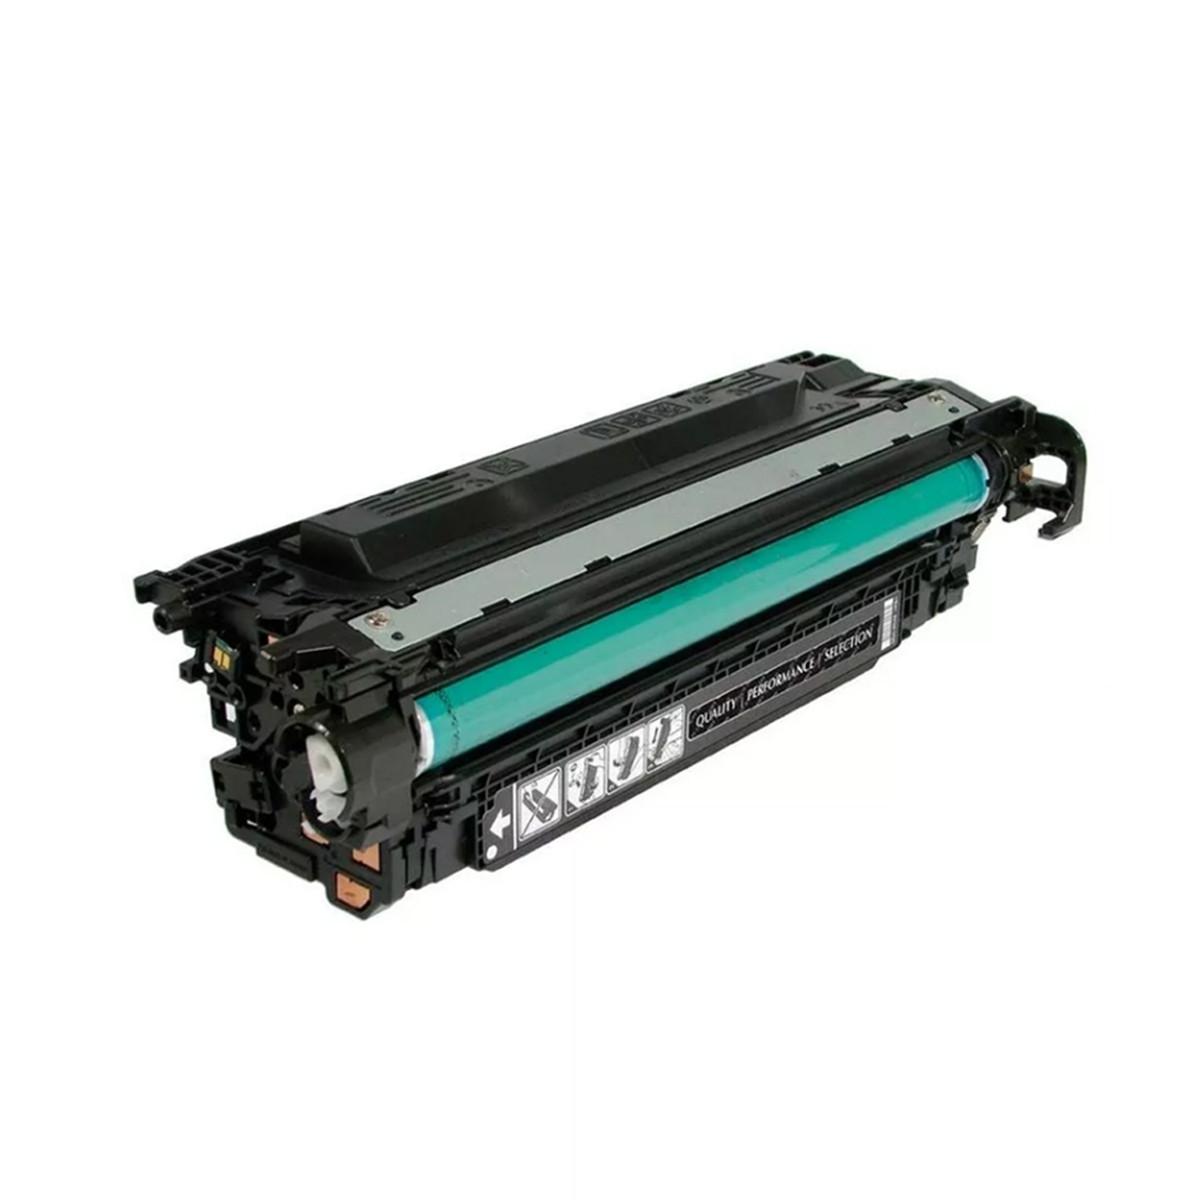 Toner Compatível com HP CF363A 63A Magenta 508A | M553DN M-553 M577DN M-577 | Importado 5k